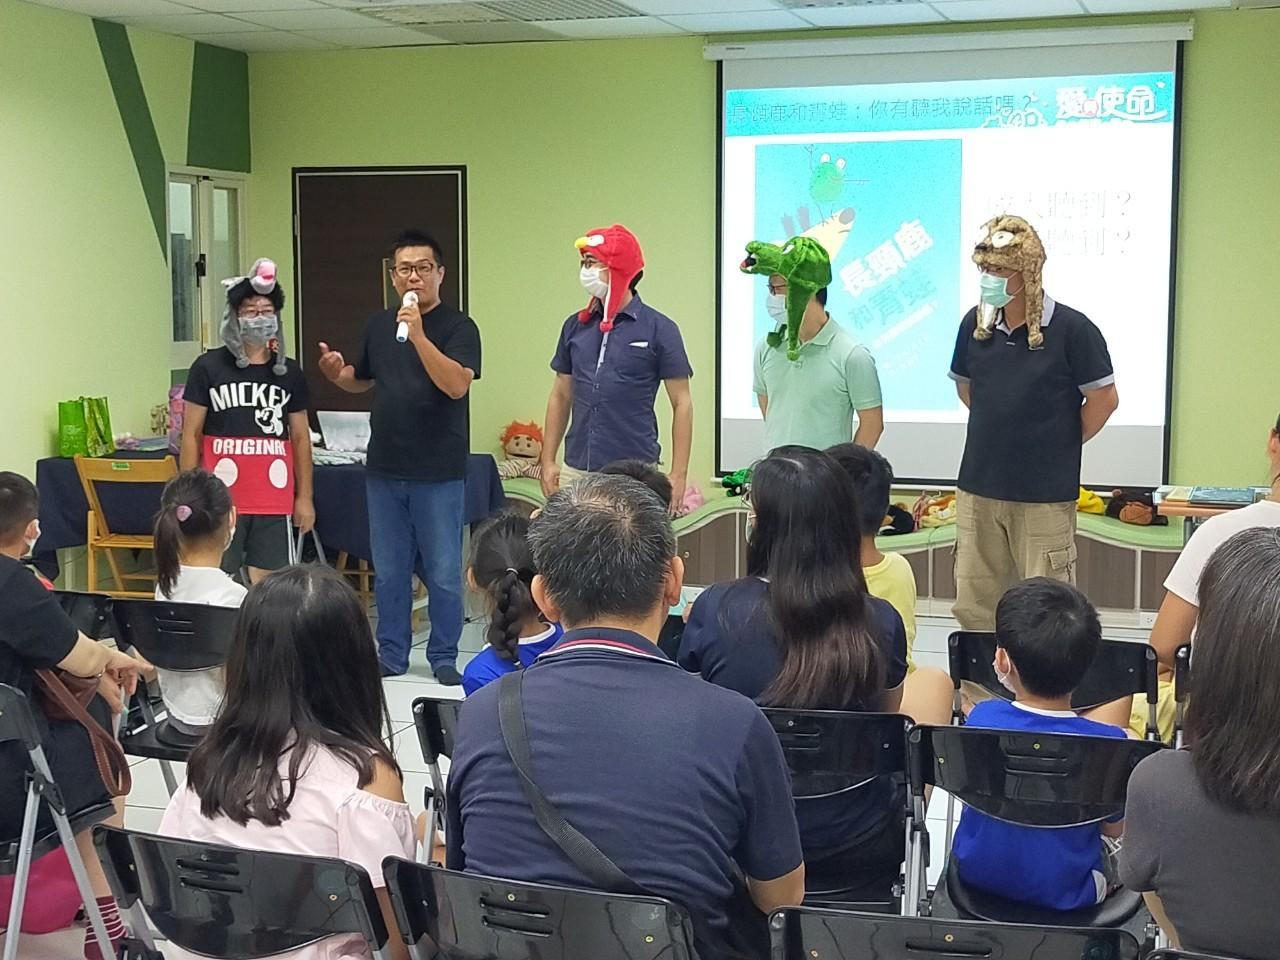 拉近親子情感距離! 台中市家庭教育中心規劃系列活動。(記者白信東翻攝)